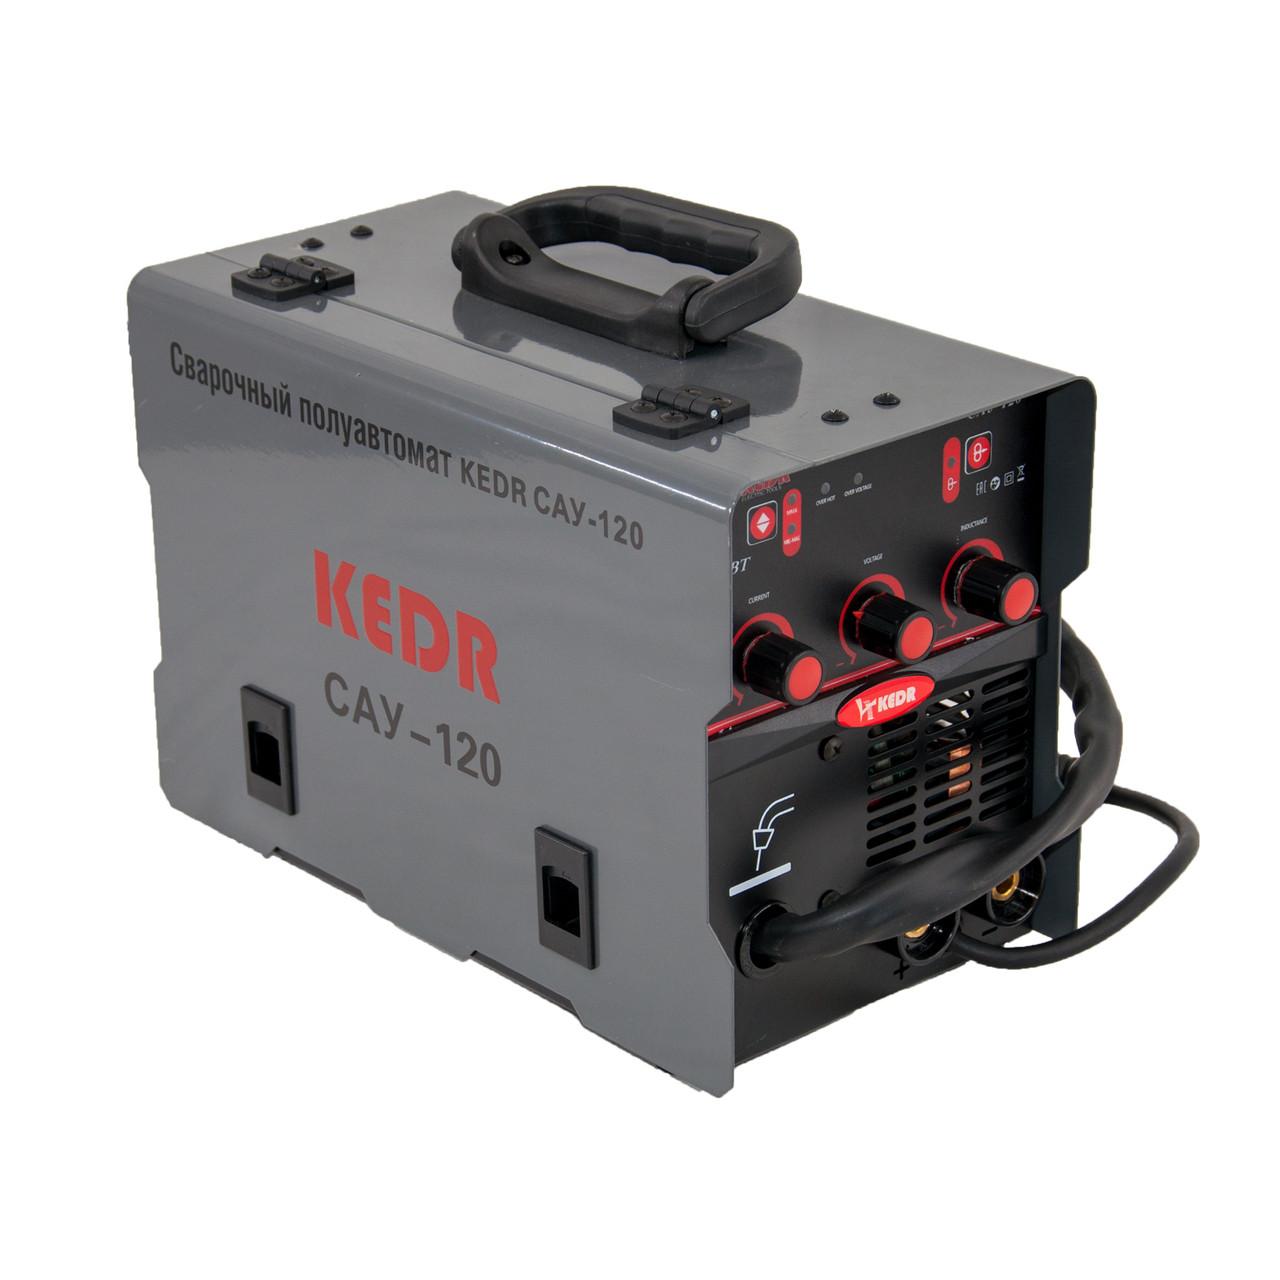 Сварочный аппарат с векторной сваркой КЕДР САУ-120